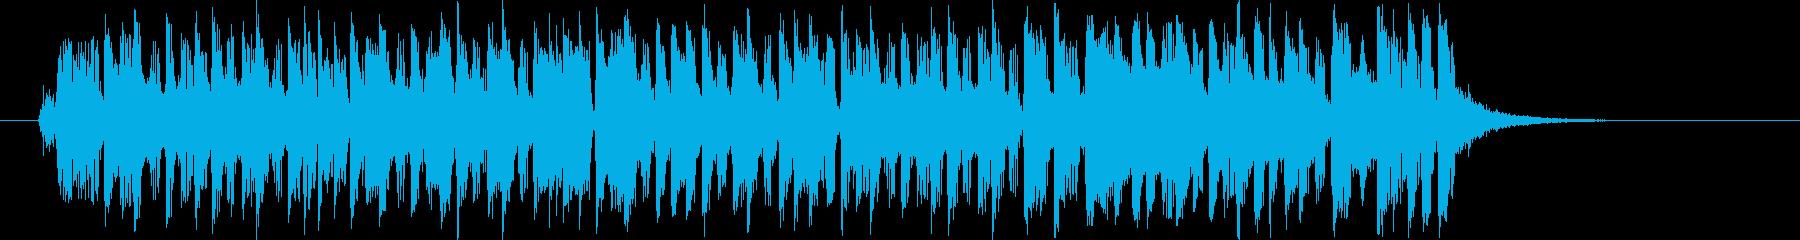 明るくユニークでピアノが印象的なBGMの再生済みの波形